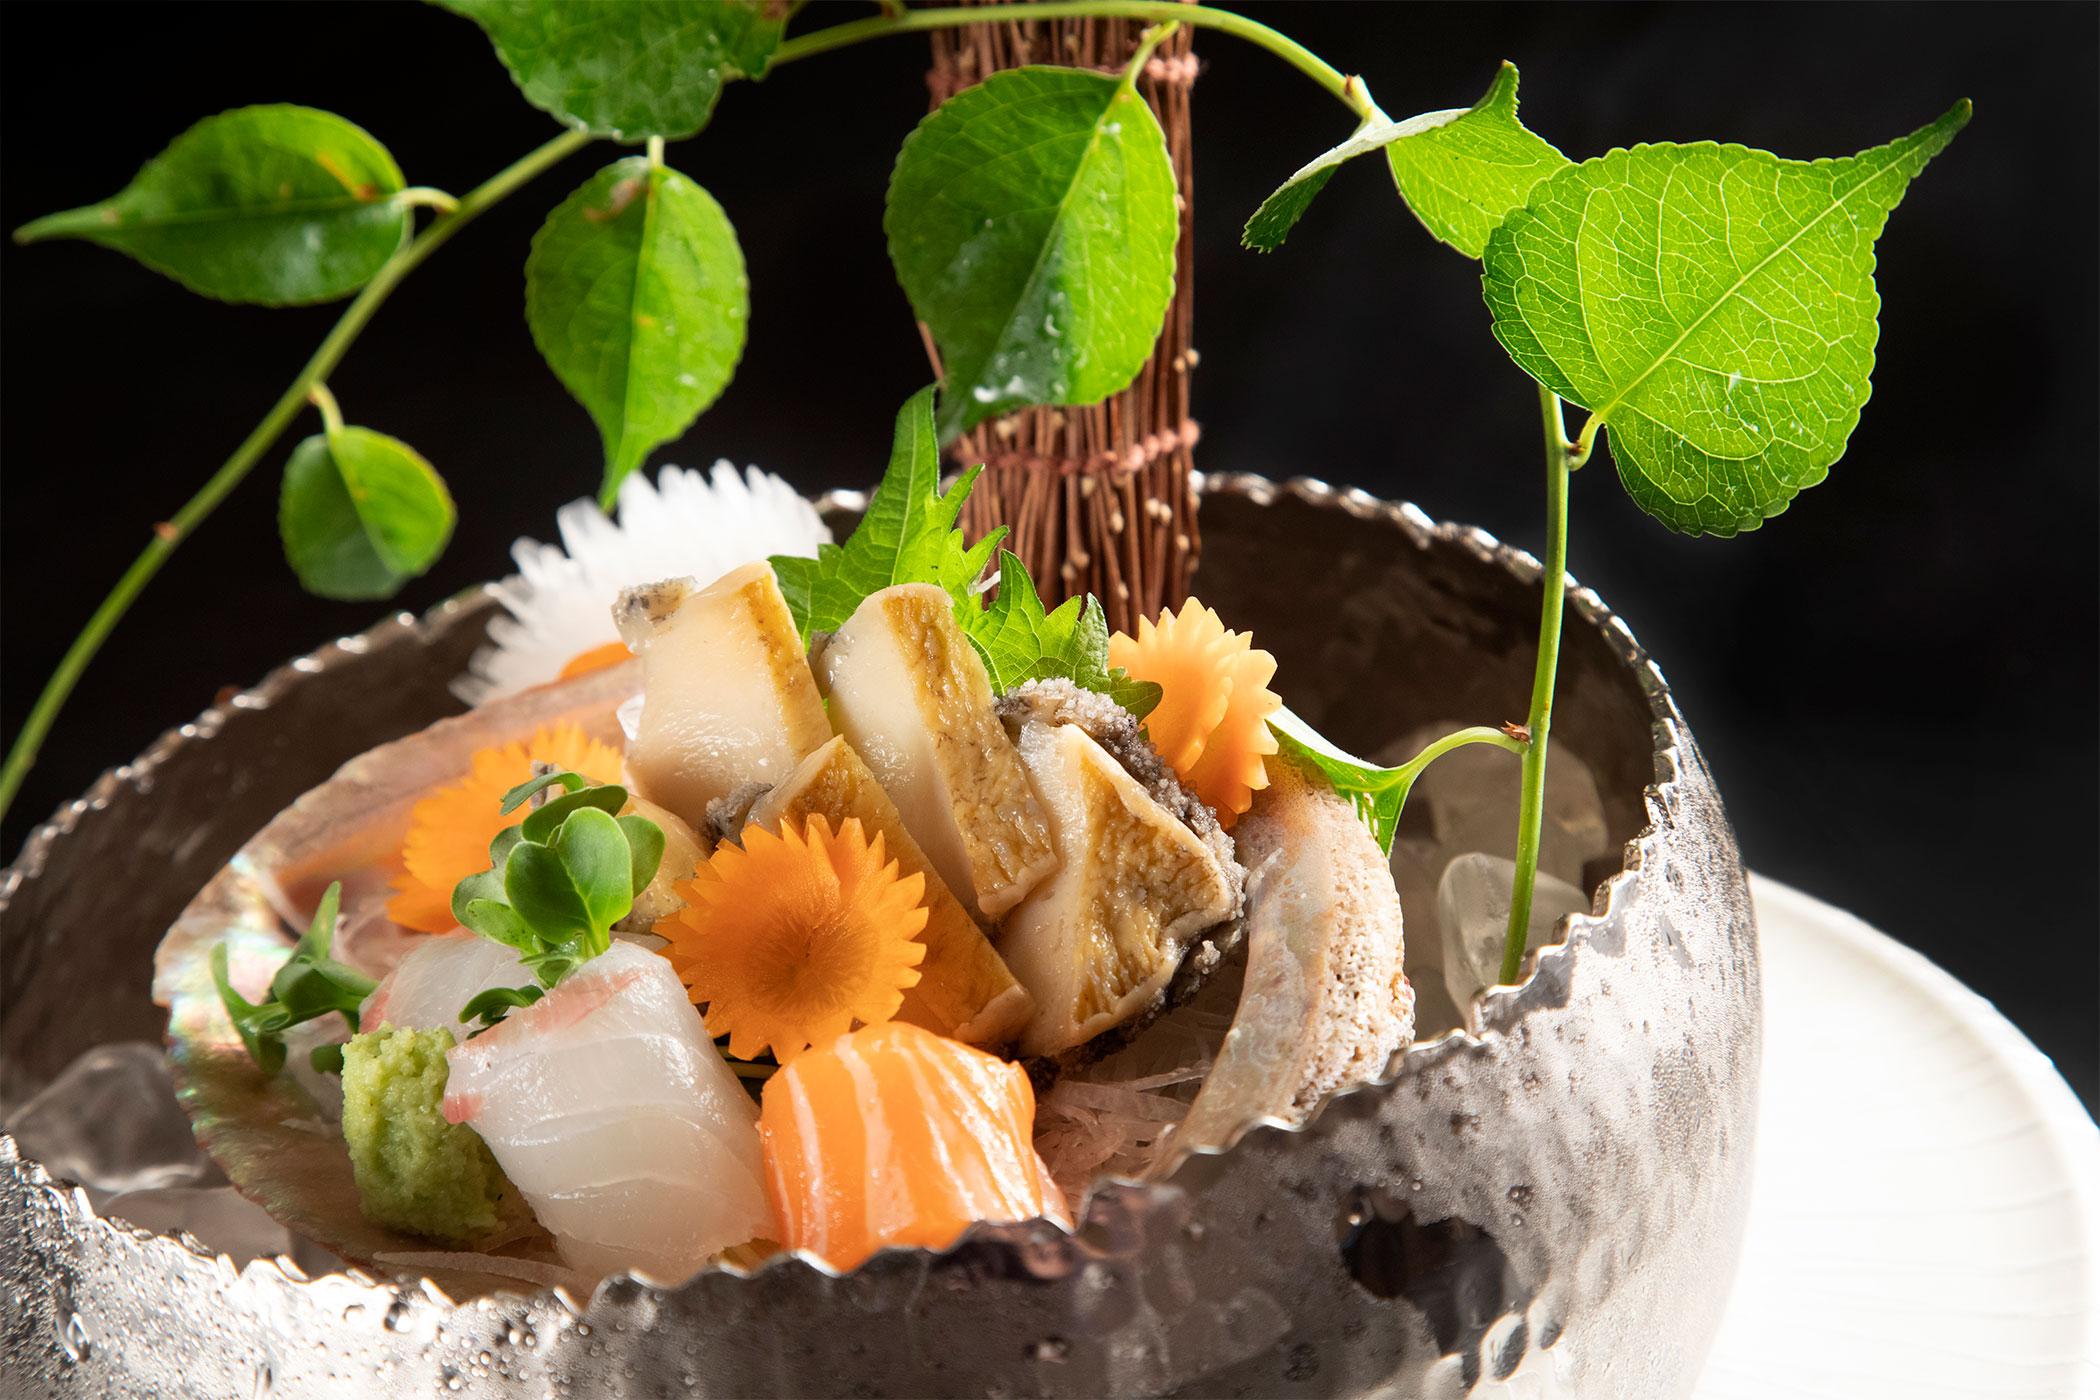 銀彩小槌目浅型盛鉢中